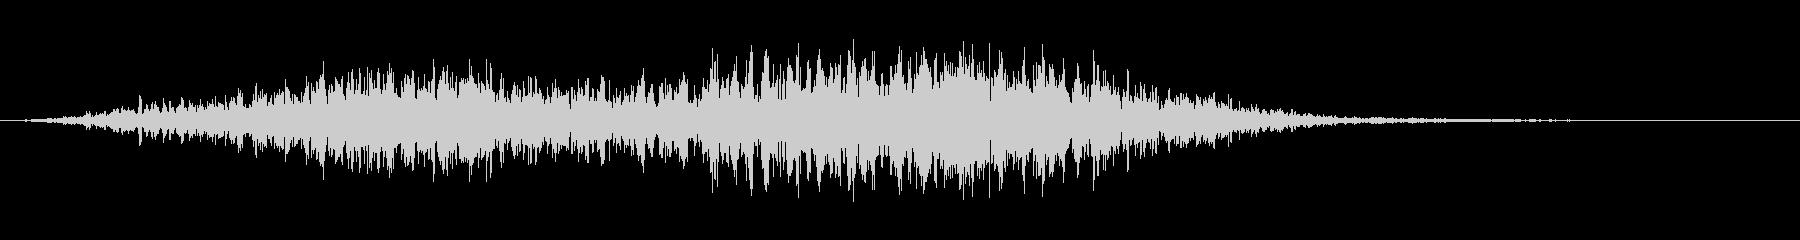 ダークジェットフーシュ5の未再生の波形